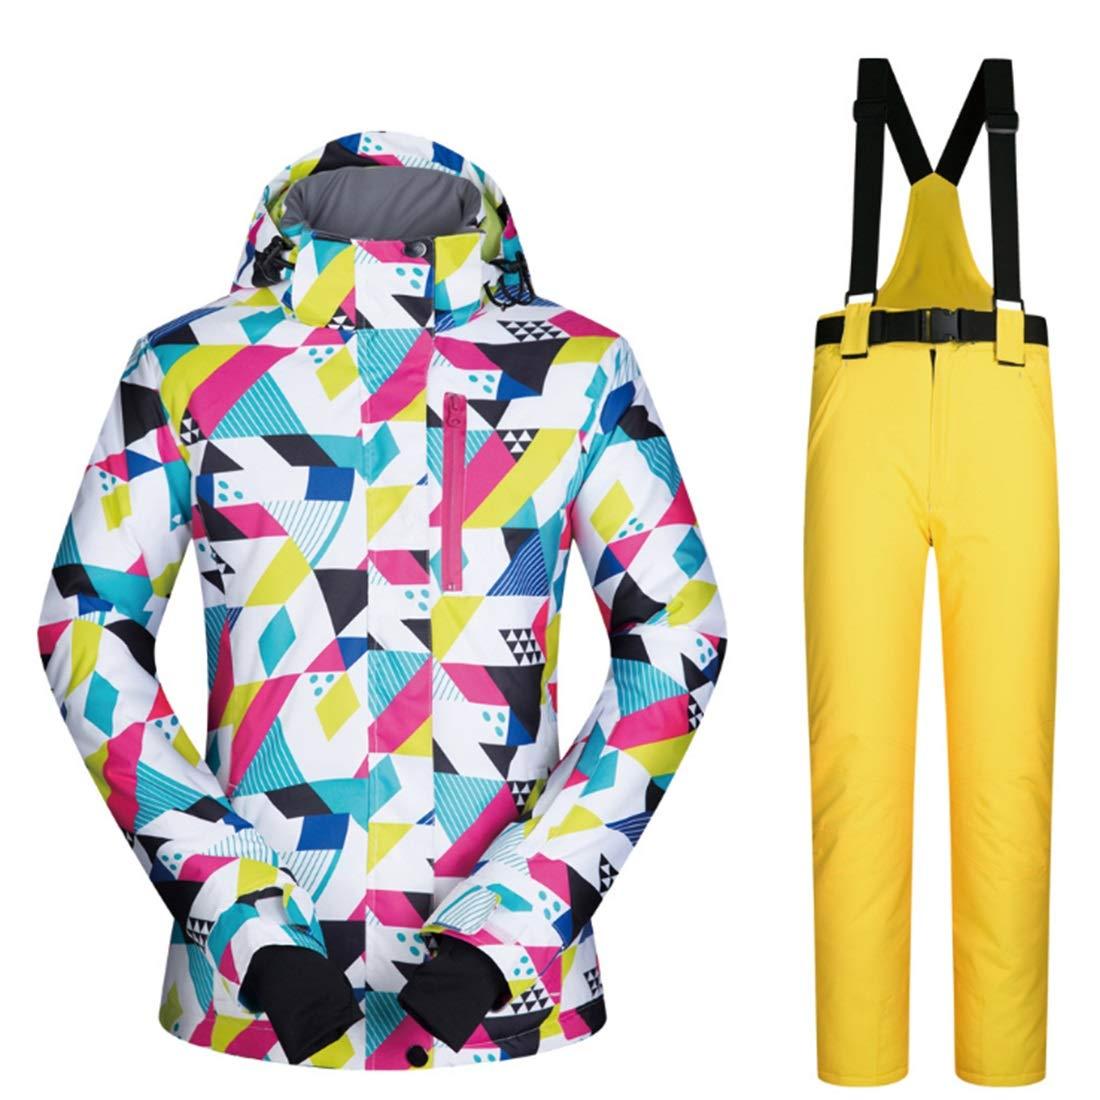 LINANNVA Giacca da Donna Winter Winter Winter Girl Coat Outdoor Sport Dress Giacca da Sci Antivento e Impermeabile (Coloree   08, Dimensione   M)B07KPZFZQML 03 | Reputazione a lungo termine  | unico  | Il Nuovo Prodotto  | Qualità E Quantità Assicurata  | Negozio  962327